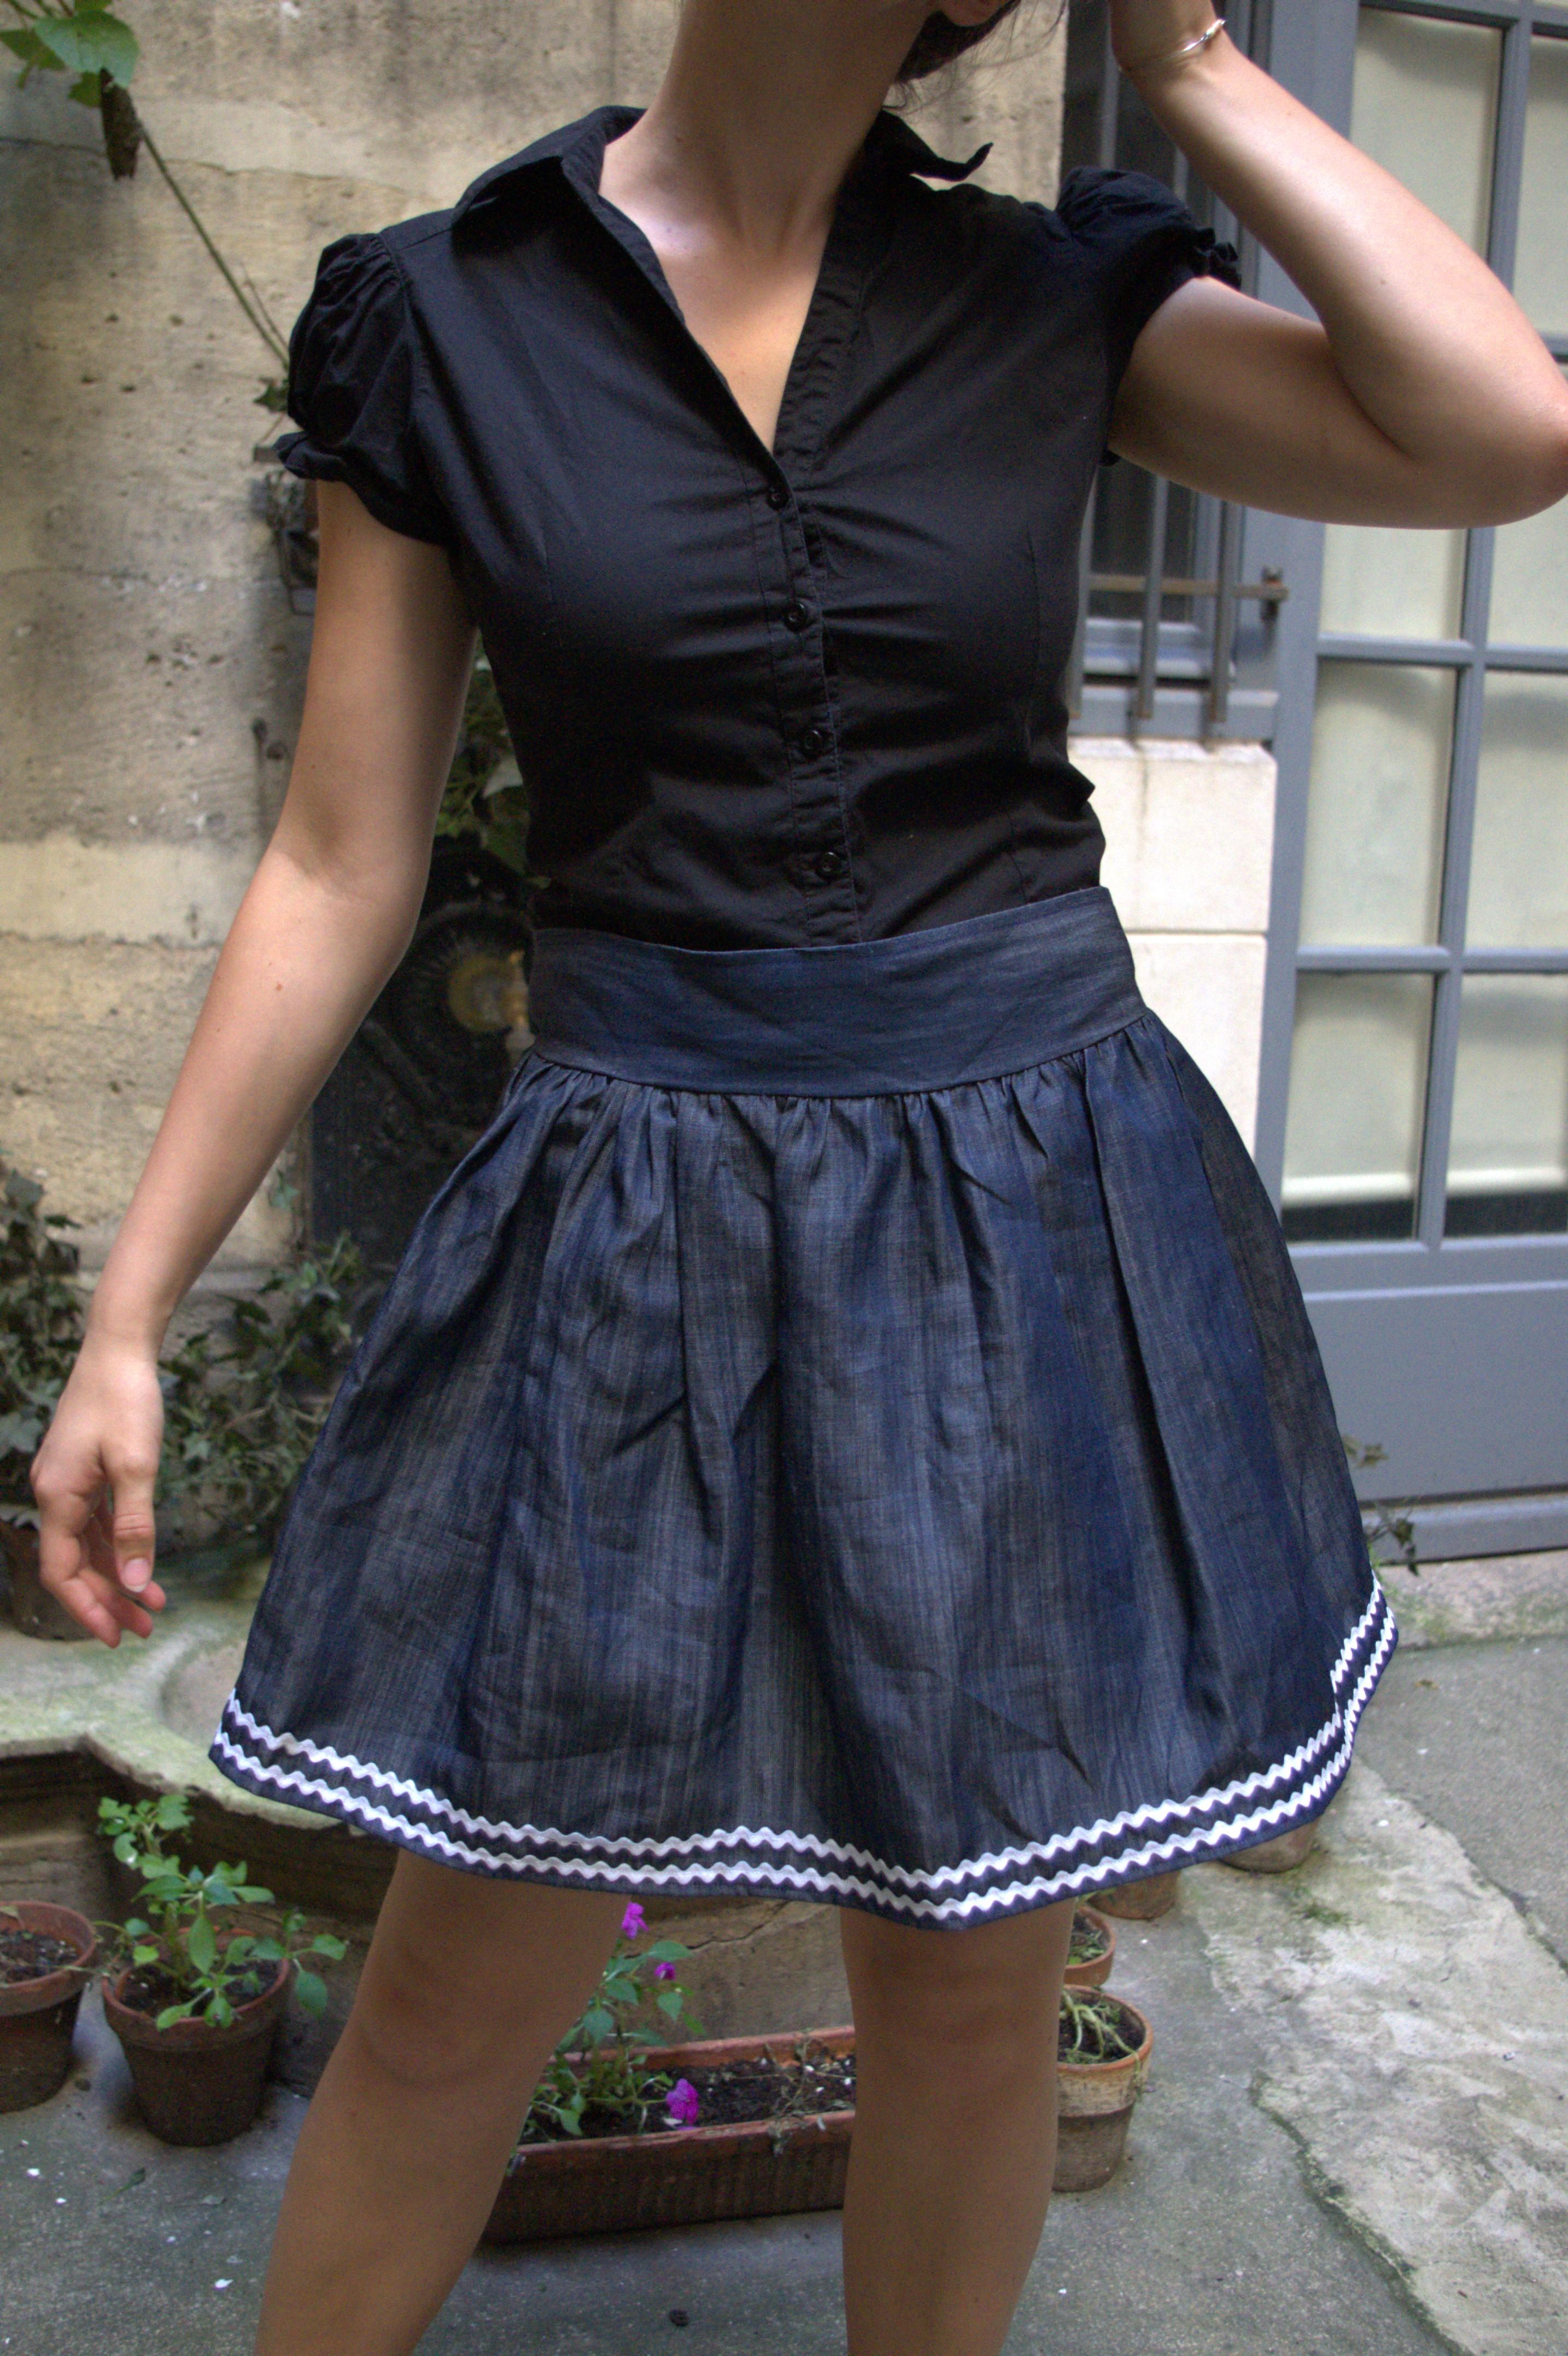 Jeter un coup d'oeil sur ma jupe